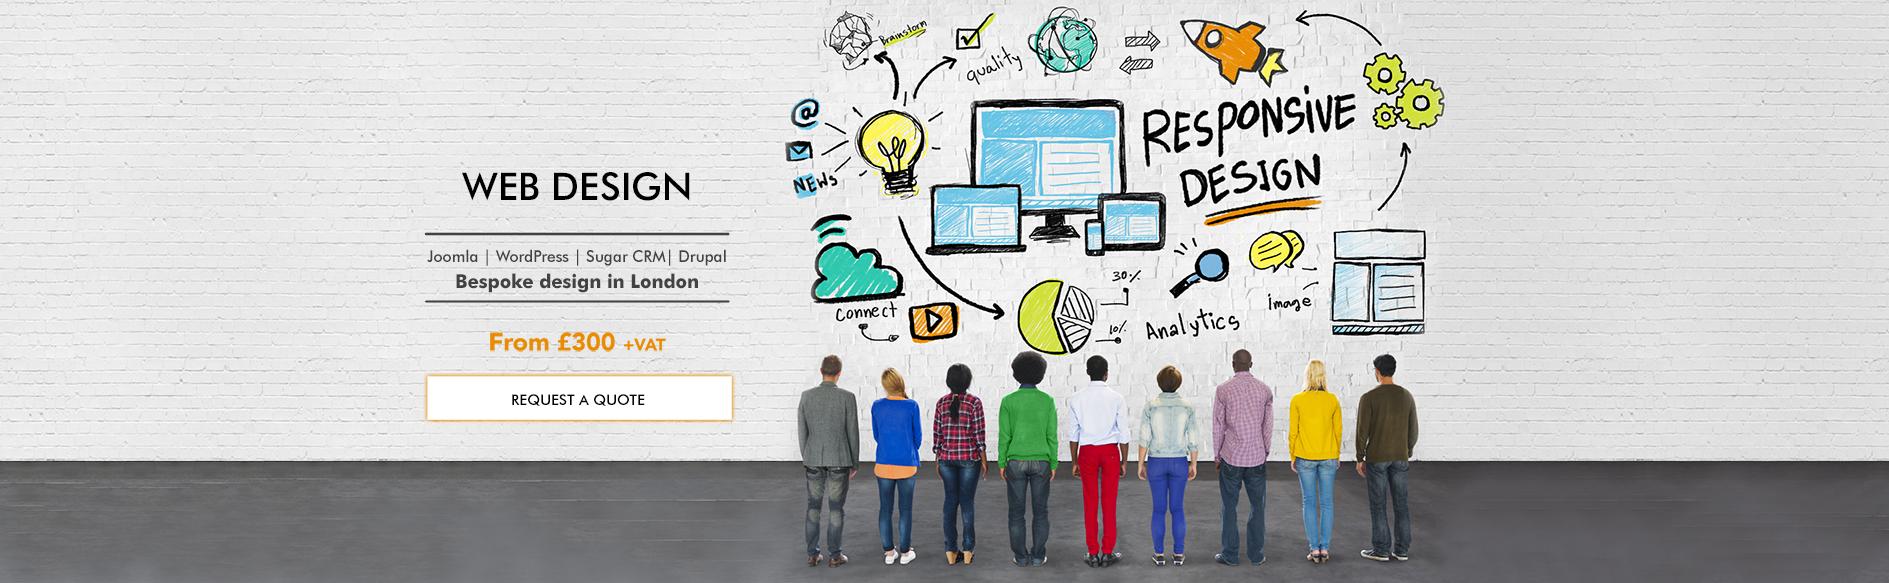 Web-Design_Slider.3